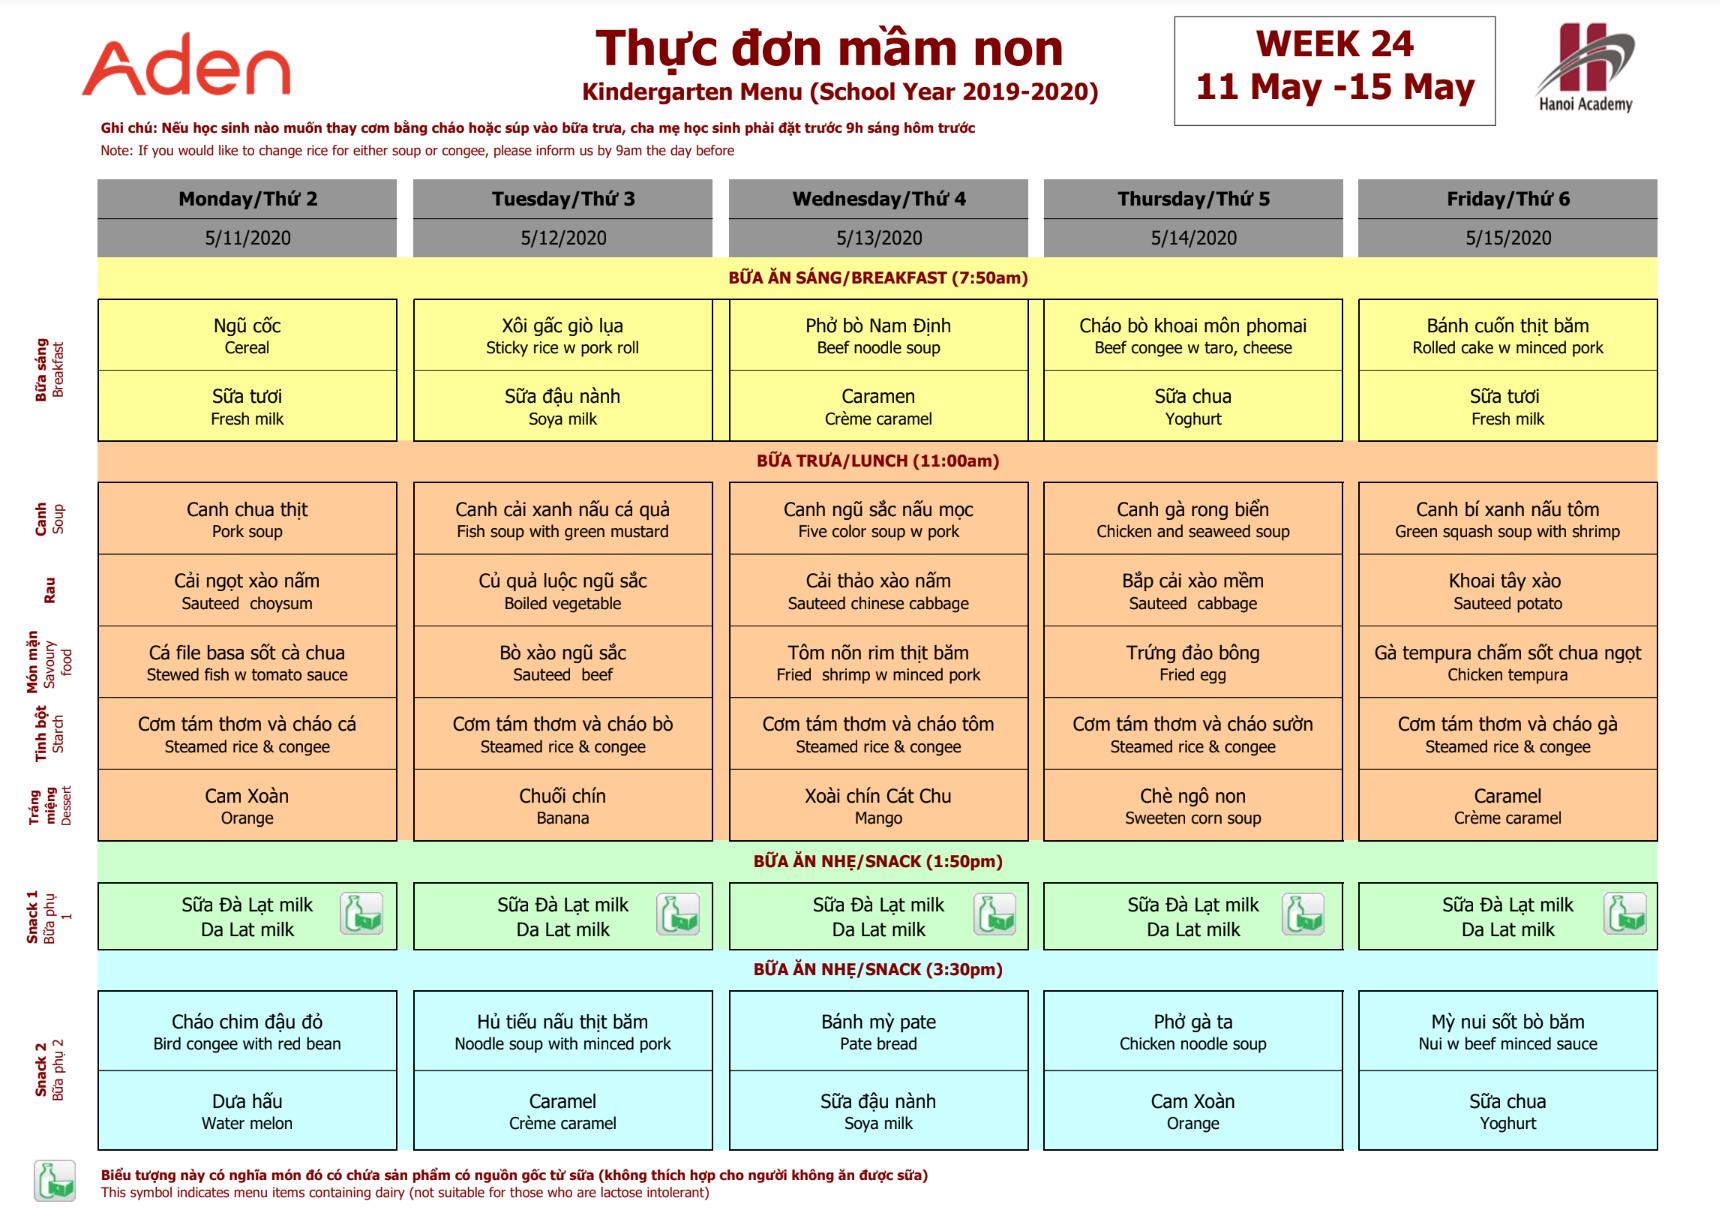 Thực đơn mầm non trường Hanoi Academy Thực đơn tuần 24 (11/05 -15/05) trường Hanoi Academy